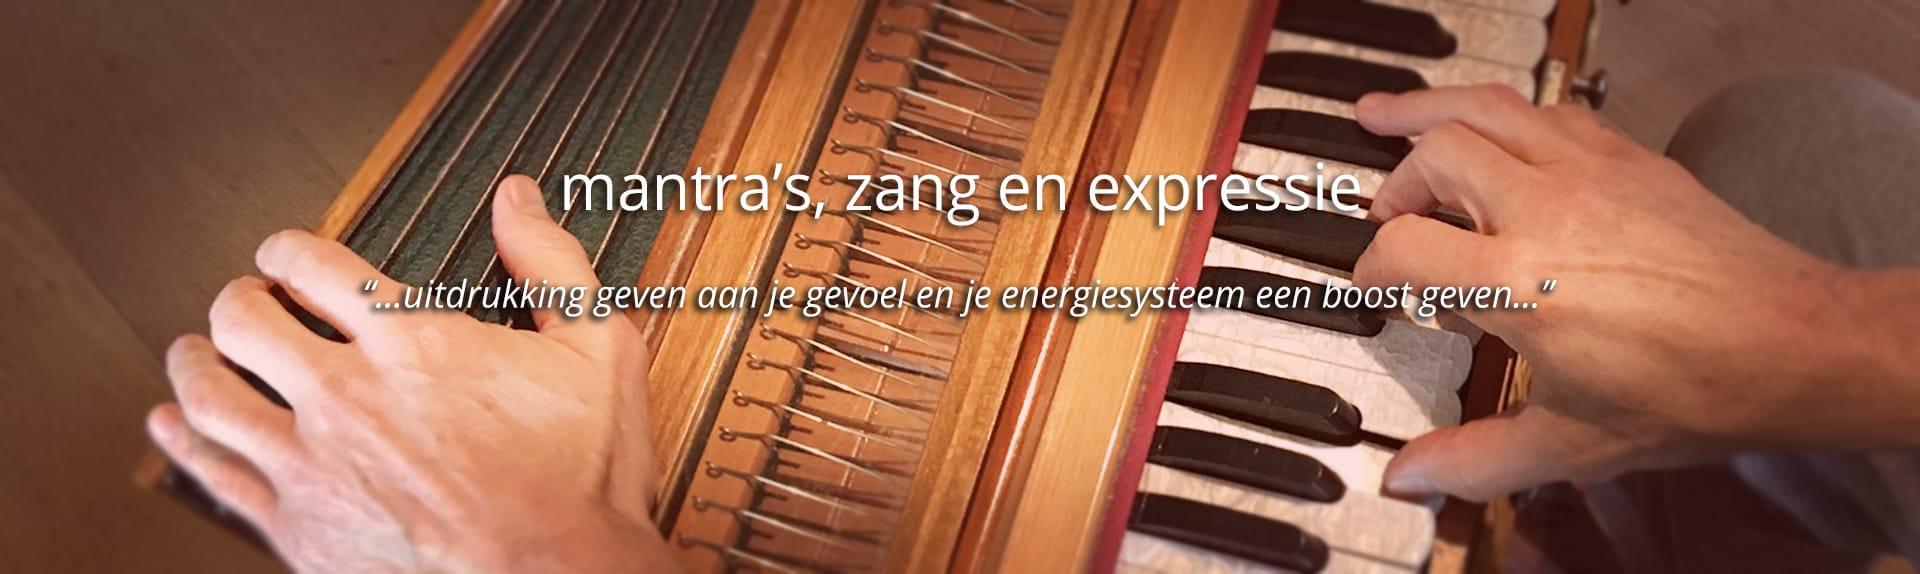 muziek, mantra's, expressie